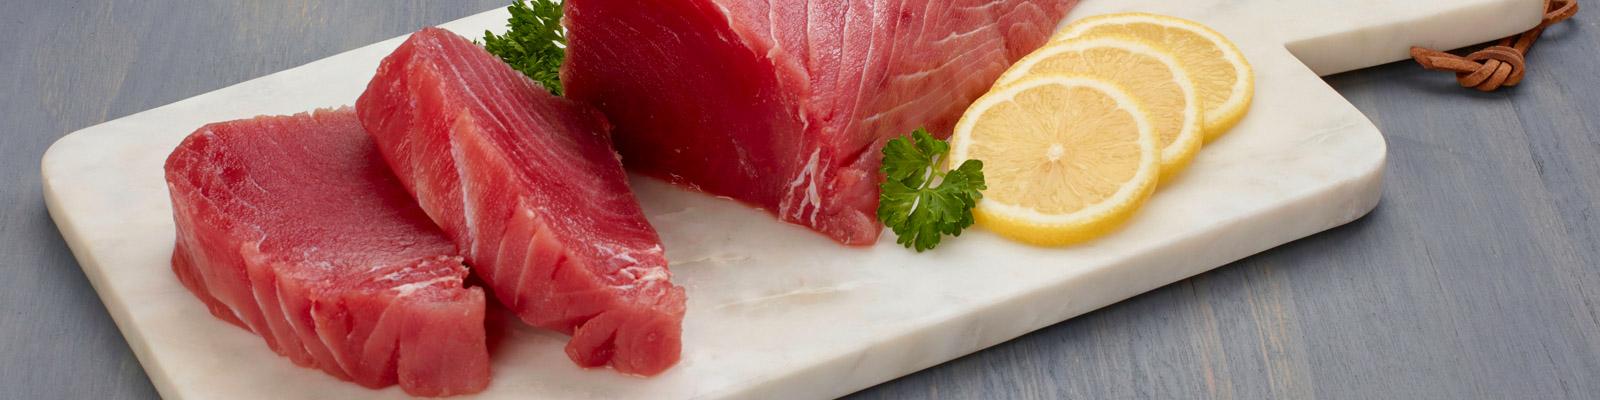 1600x400-Recipe-Ahi-Tuna-Quinoa-Poke-Bowl.jpg